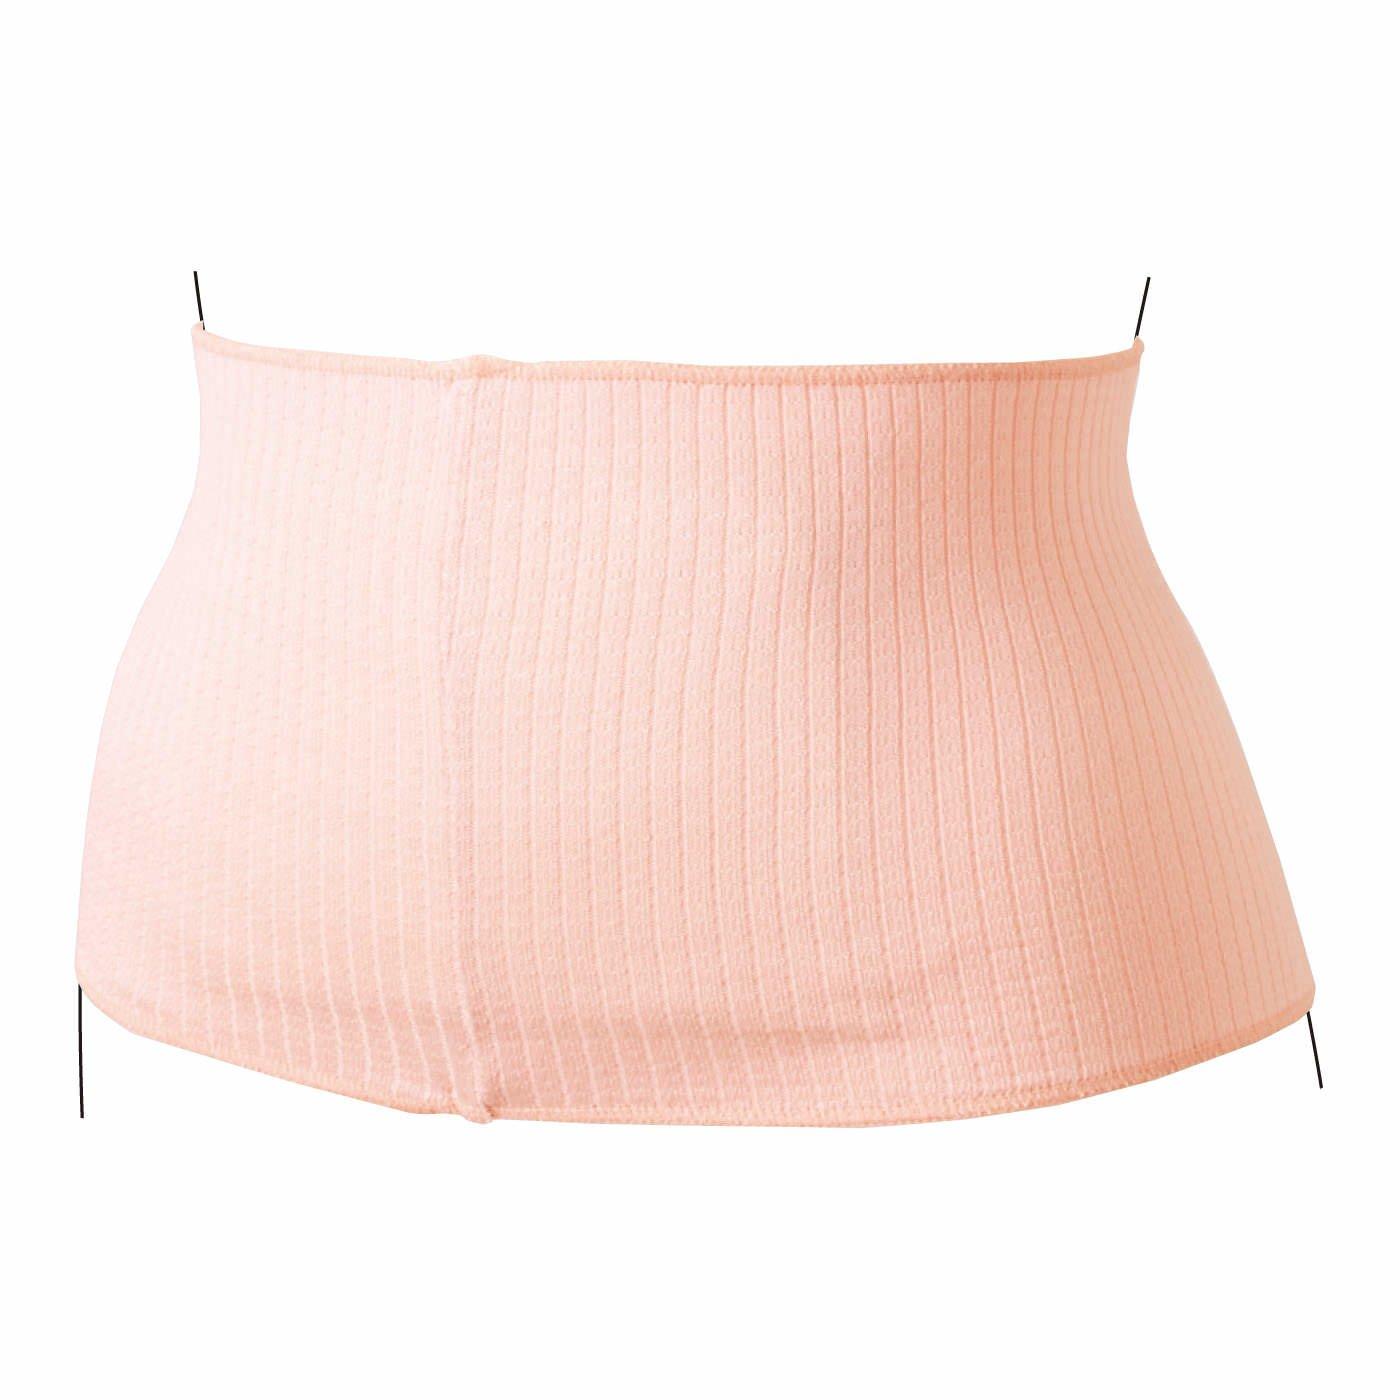 チャレンジド・クリエイティブ・プロジェクト シルク真綿でふんわりあったか まわたんぽ(R)腹巻き